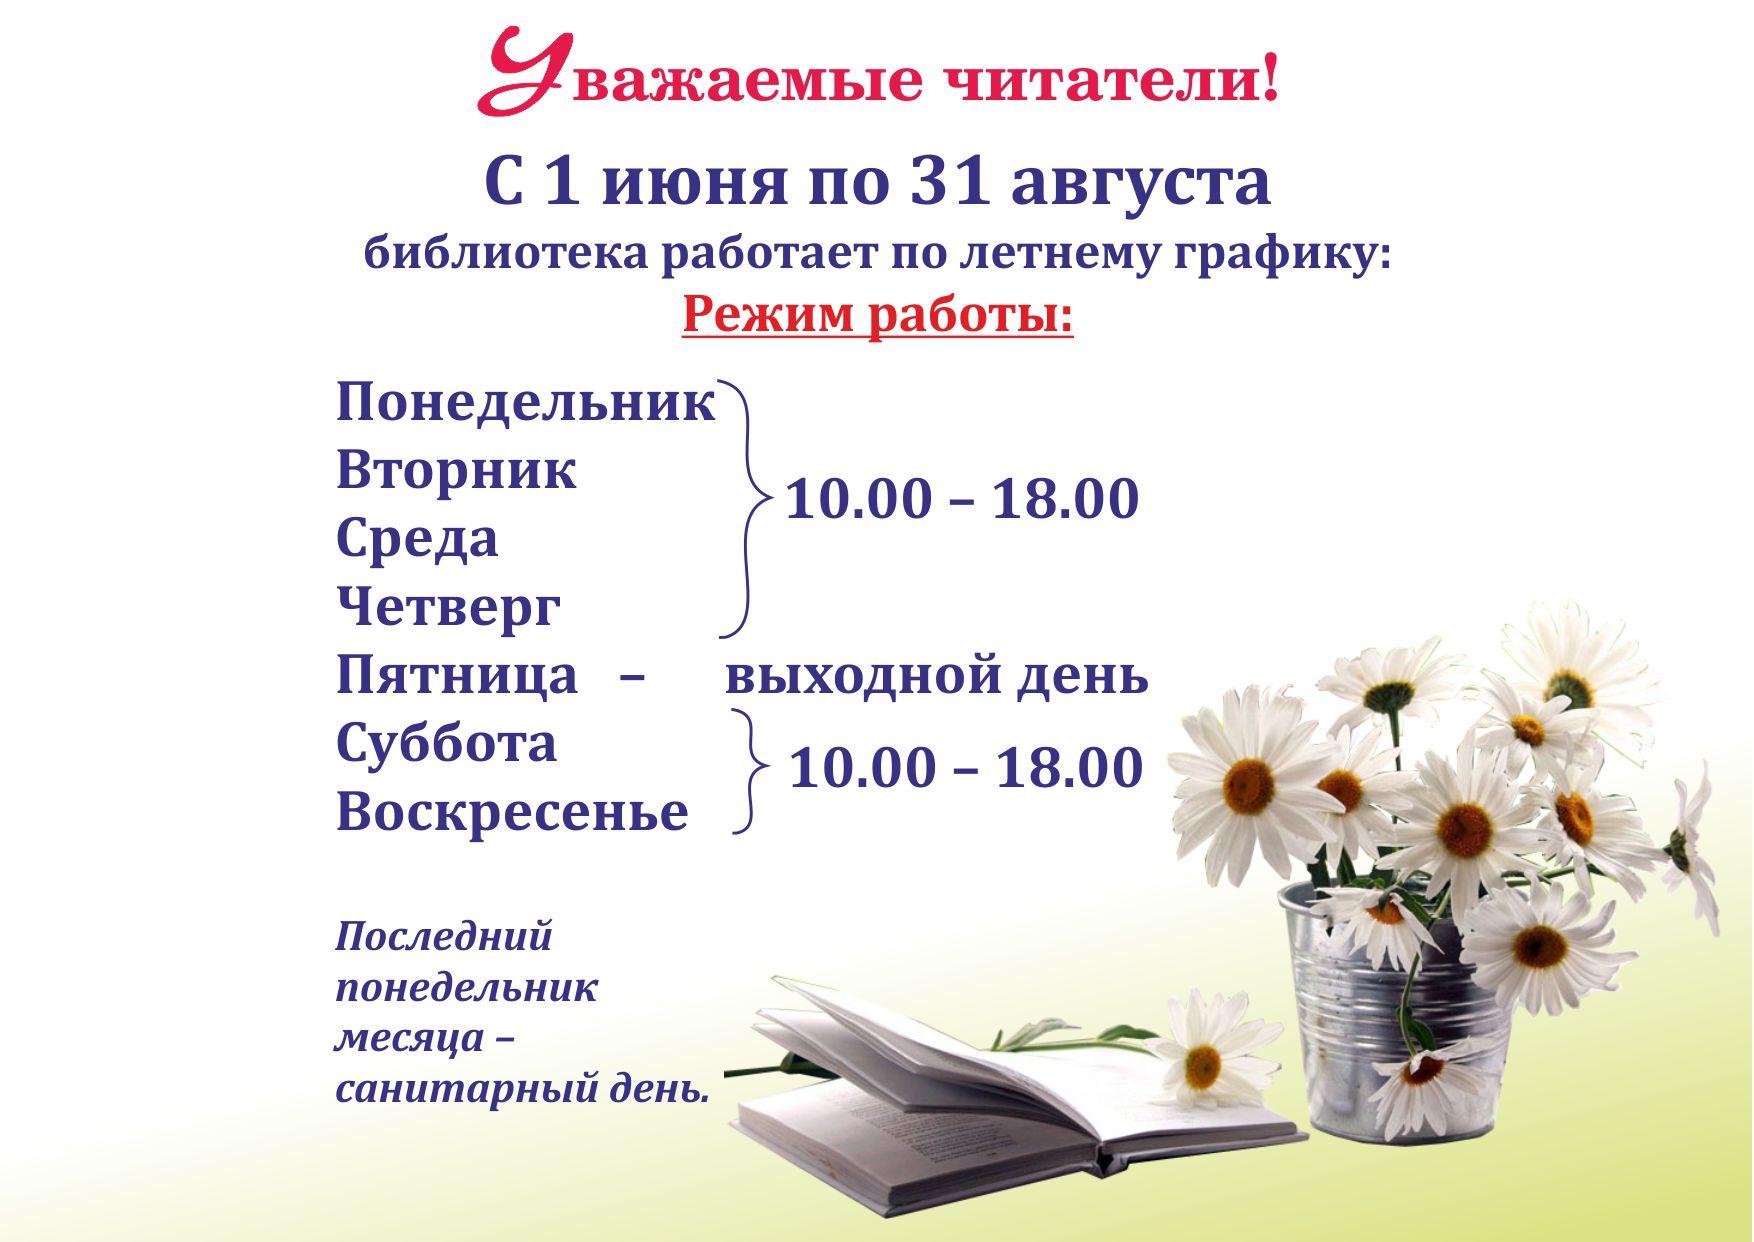 Режим работы: понедельник, вторник, среда, четверг, суббота, воскресенье - с 10.00 до 18.00 Пятница - выходной день Последний понедельник месяца - санитарный день